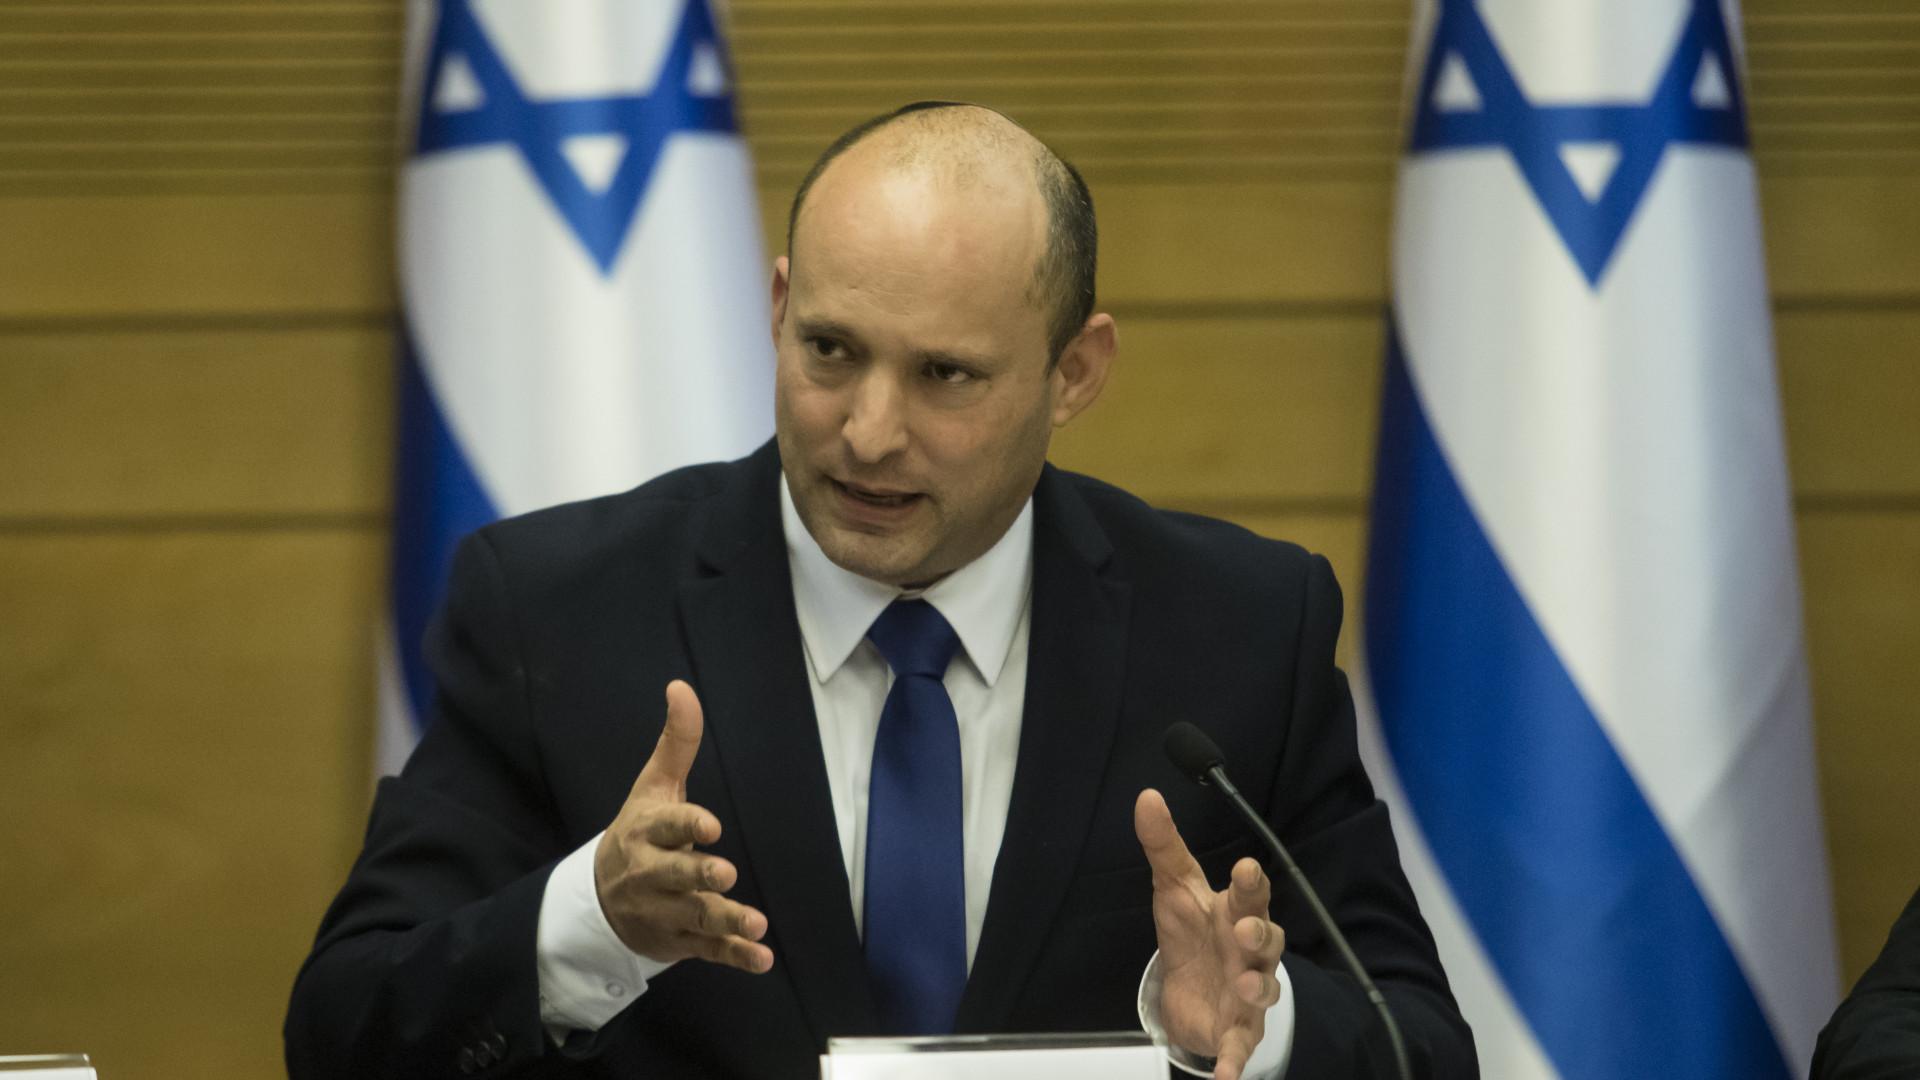 Tíz éve nem látott lépésre szánta rá magát az izraeli kormányfő